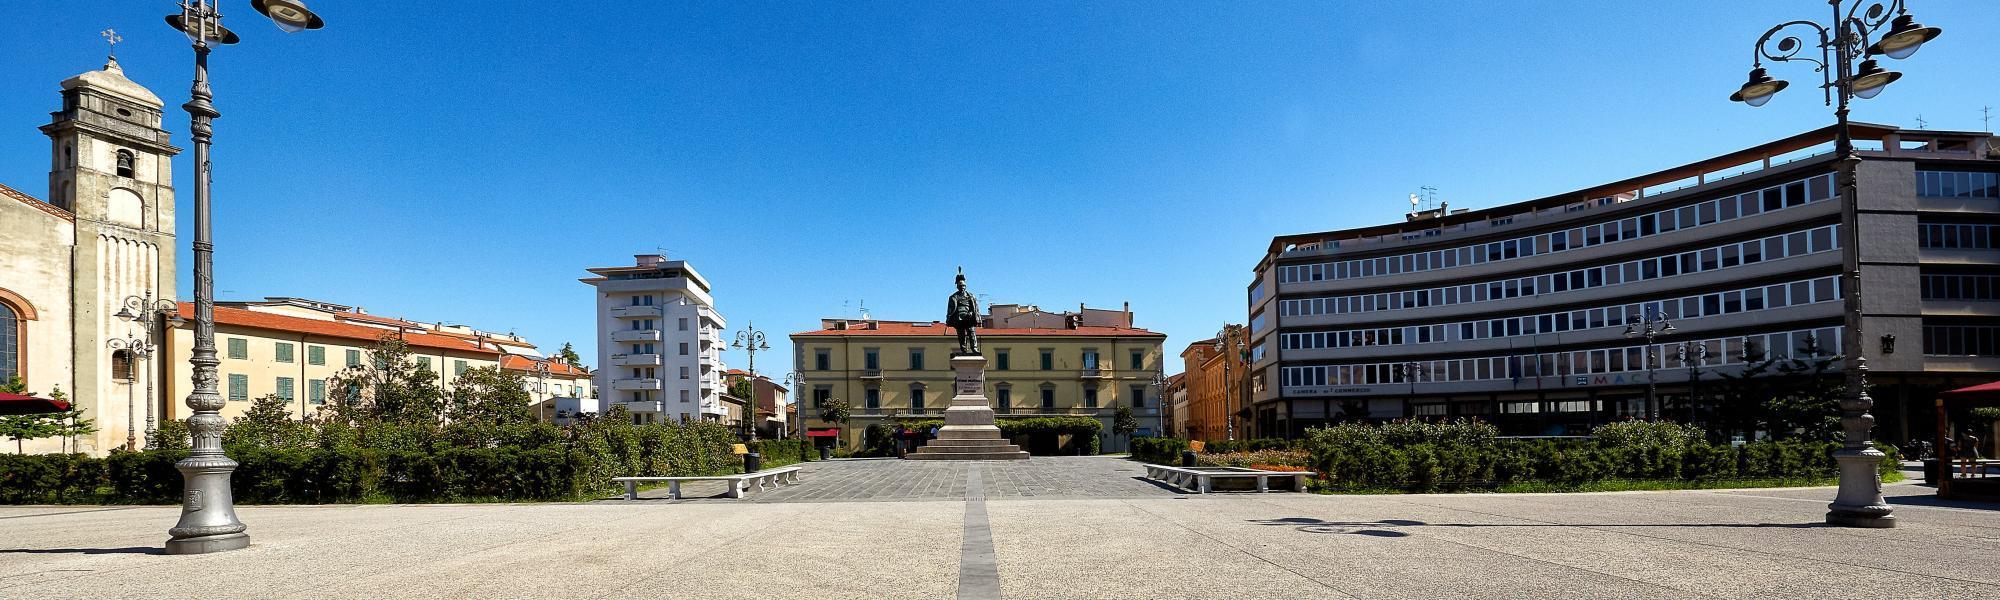 Piazza Vittorio Emanuele II (M. Cerrai, Comune di Pisa)